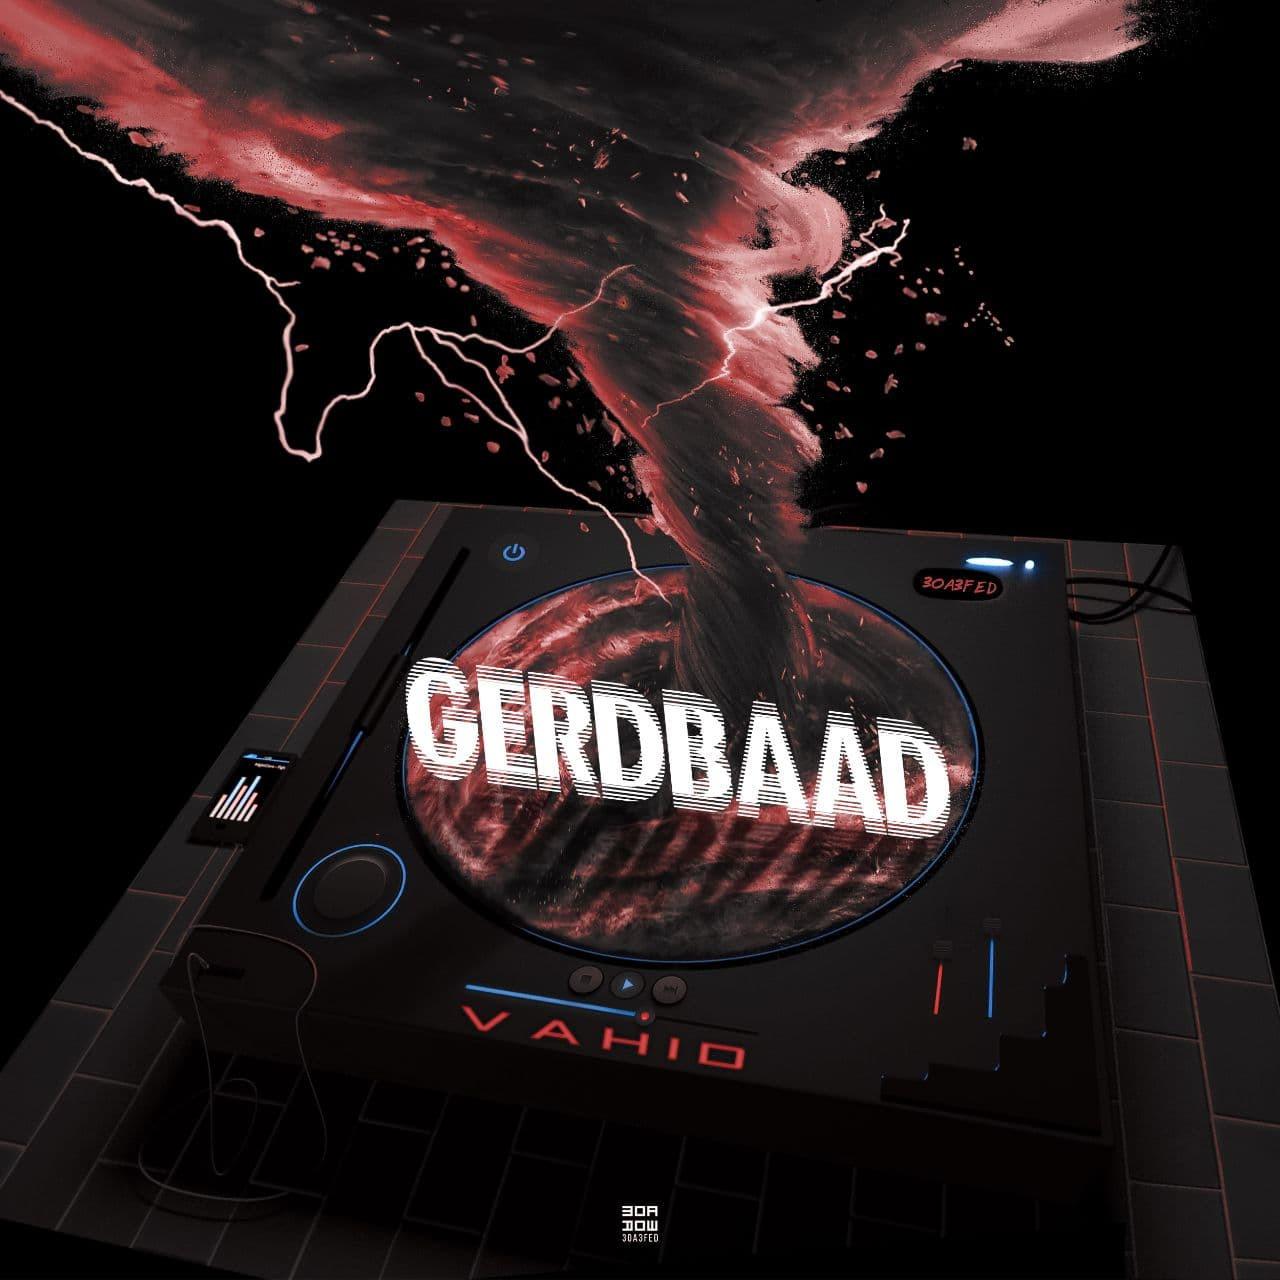 Vahid Zand - Gerdbaad